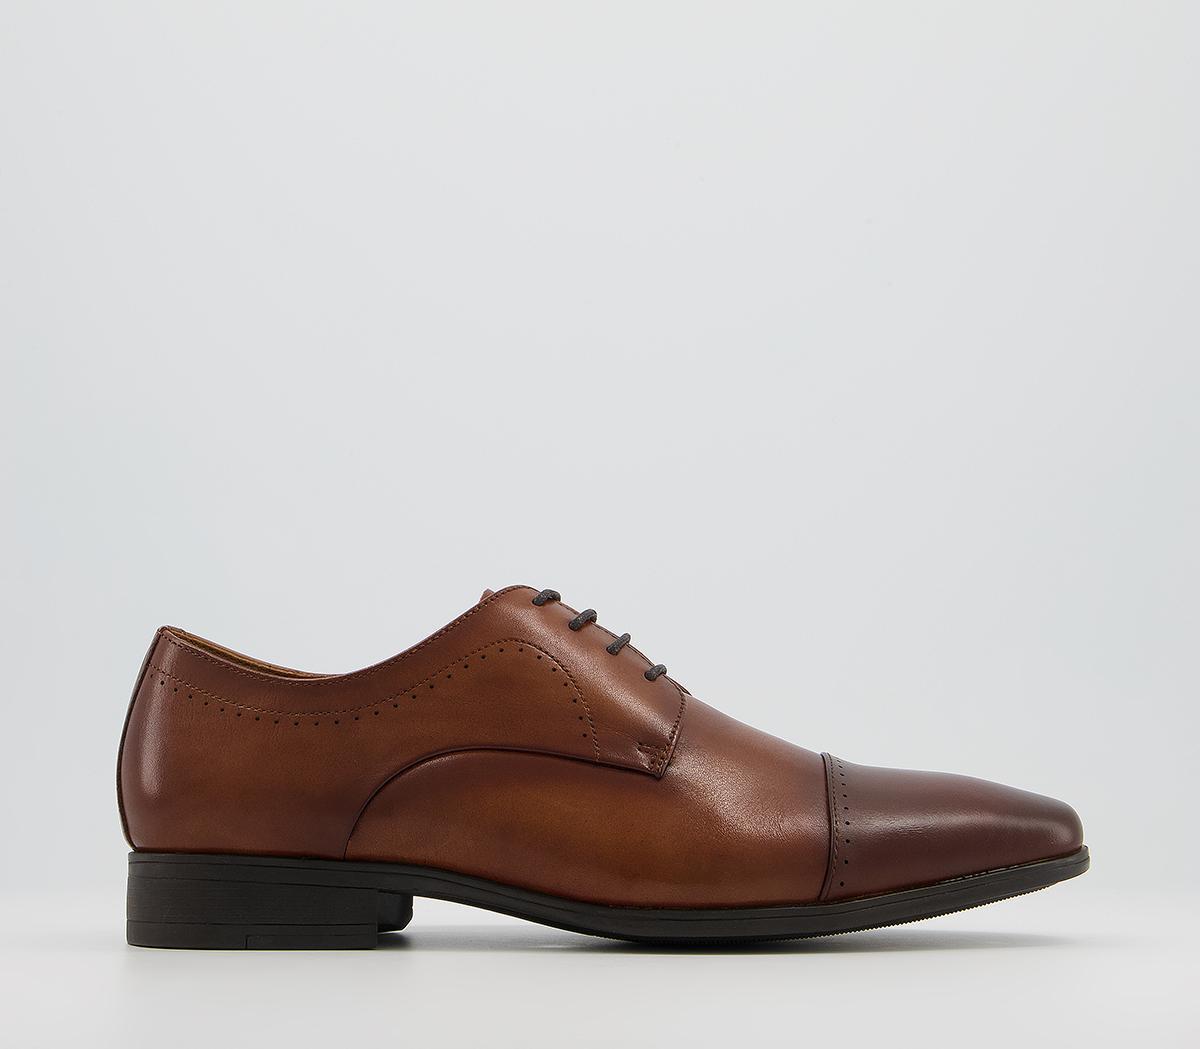 Memoir Toe Cap Derby Shoes